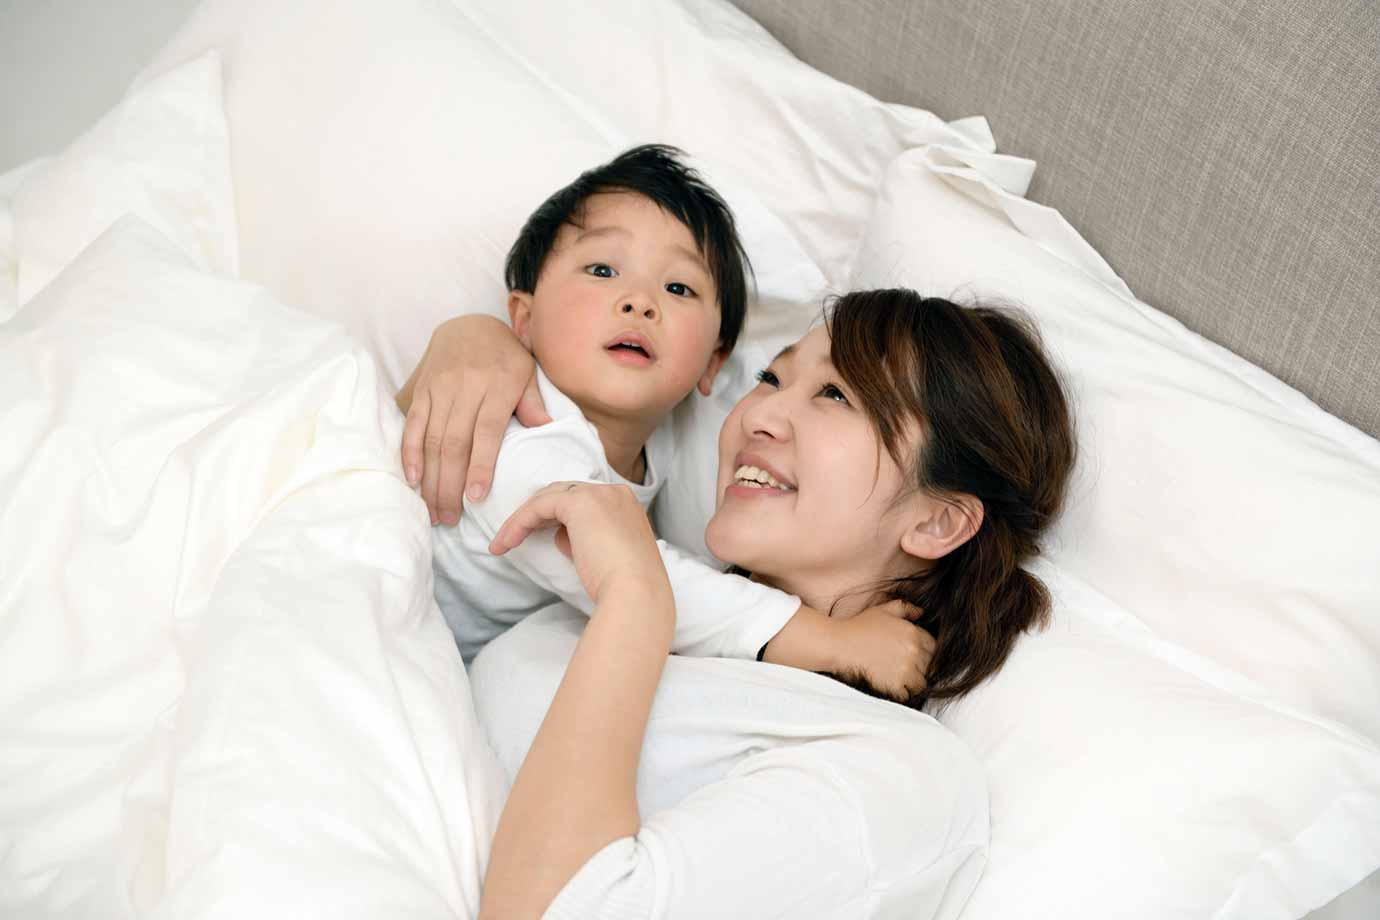 どのように子どもの生活リズムをつくり、規則正しい睡眠習慣を身につけさせればよいでしょうか